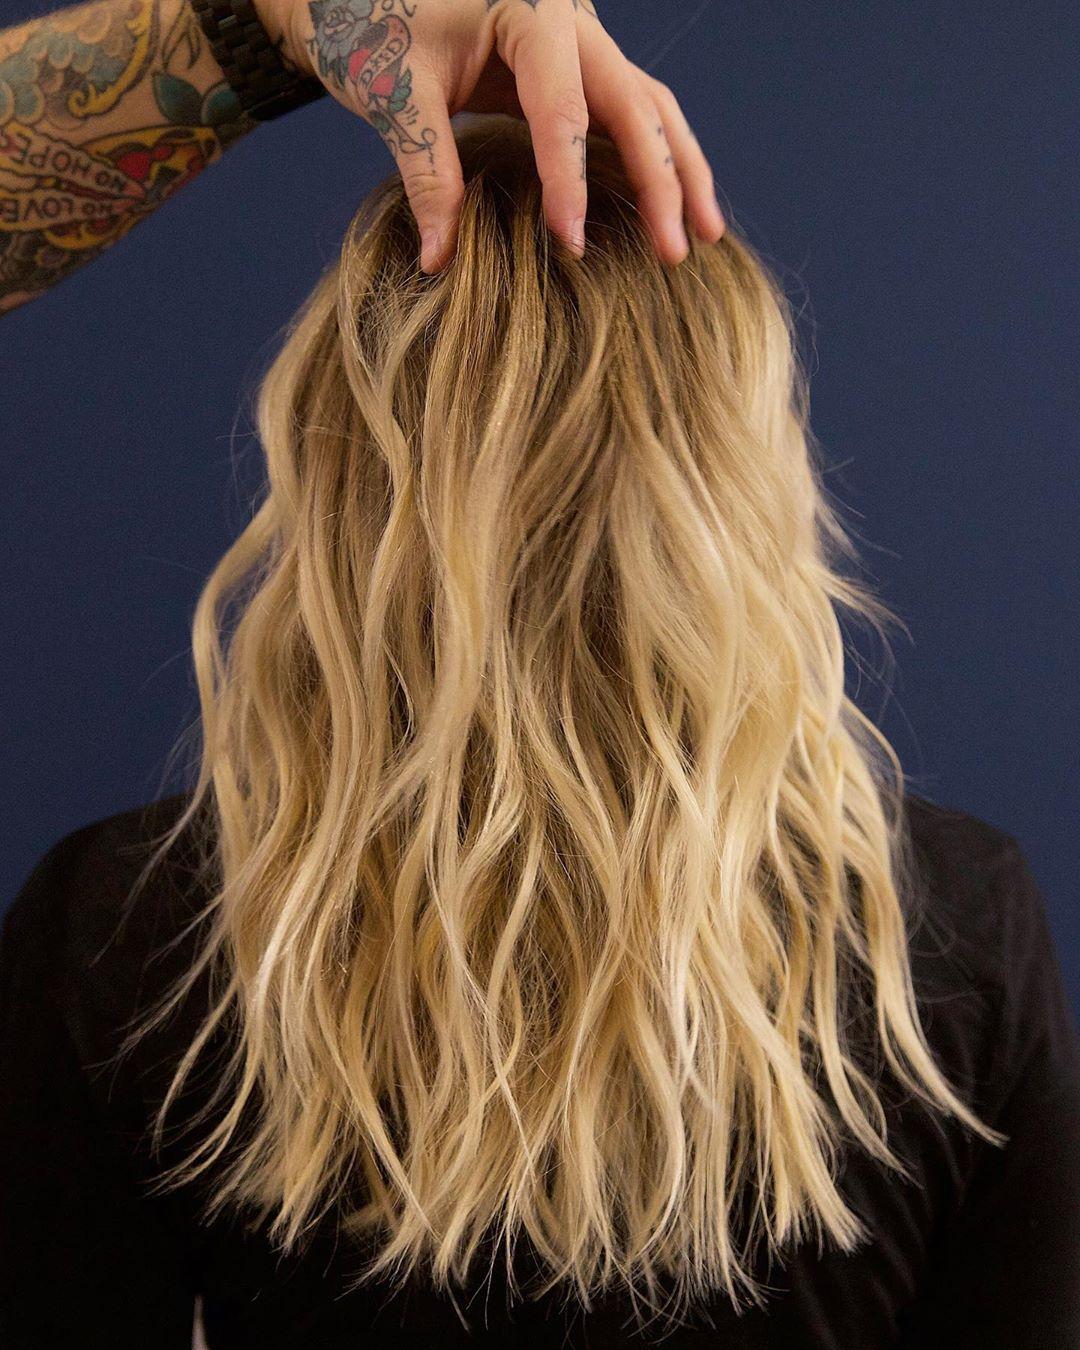 Блонд, который смотрится «дорого»: 7 правил идеального окрашивания фото 6